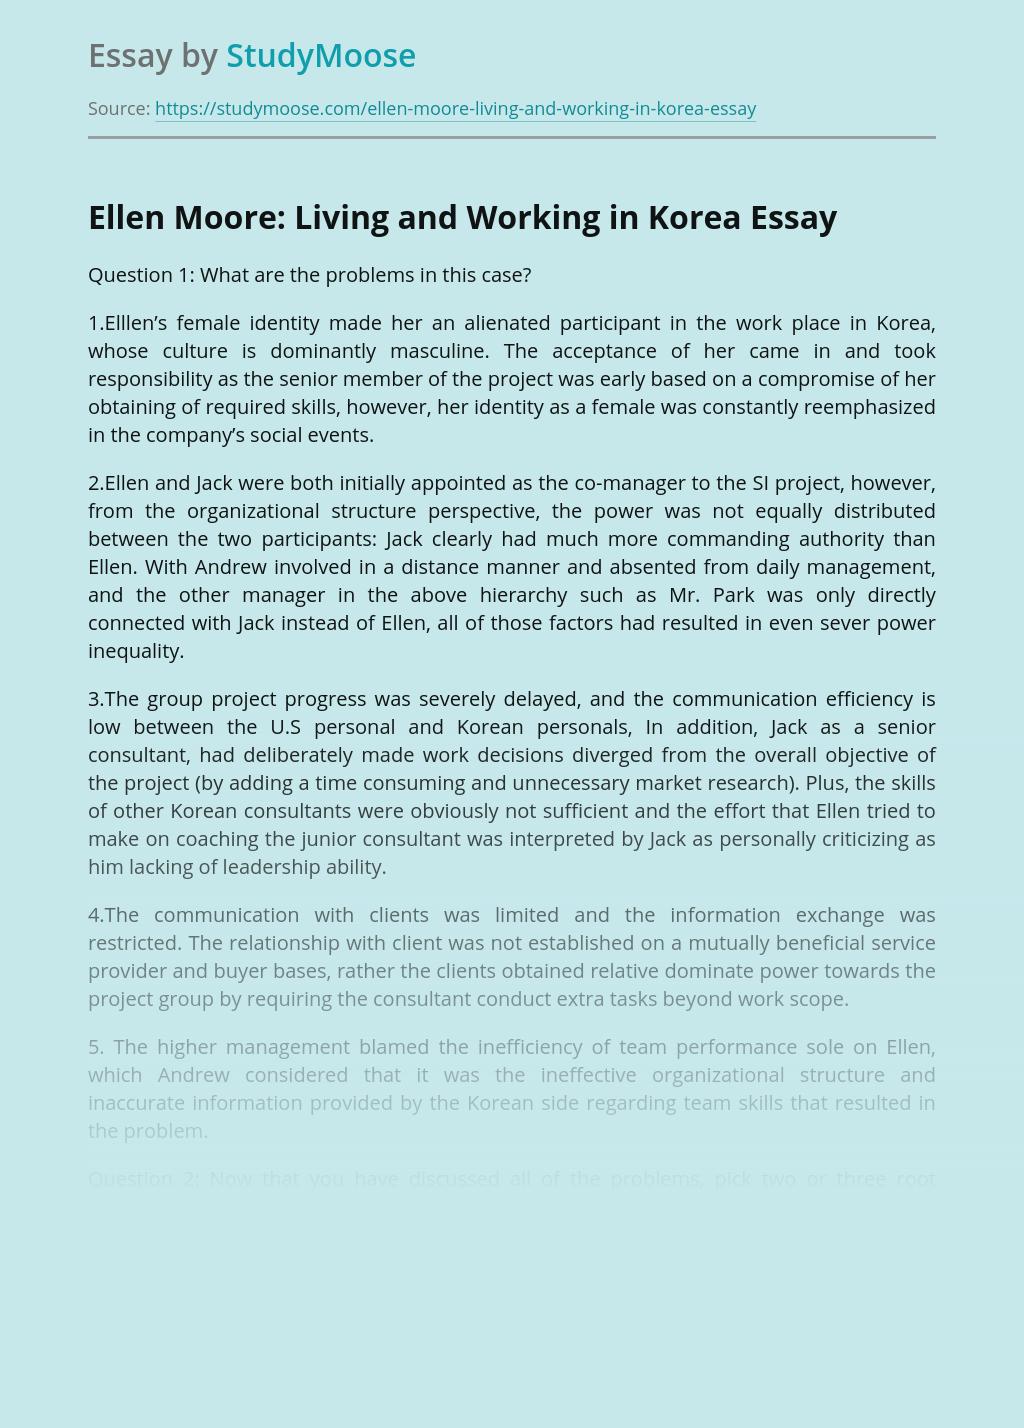 Ellen Moore: Living and Working in Korea